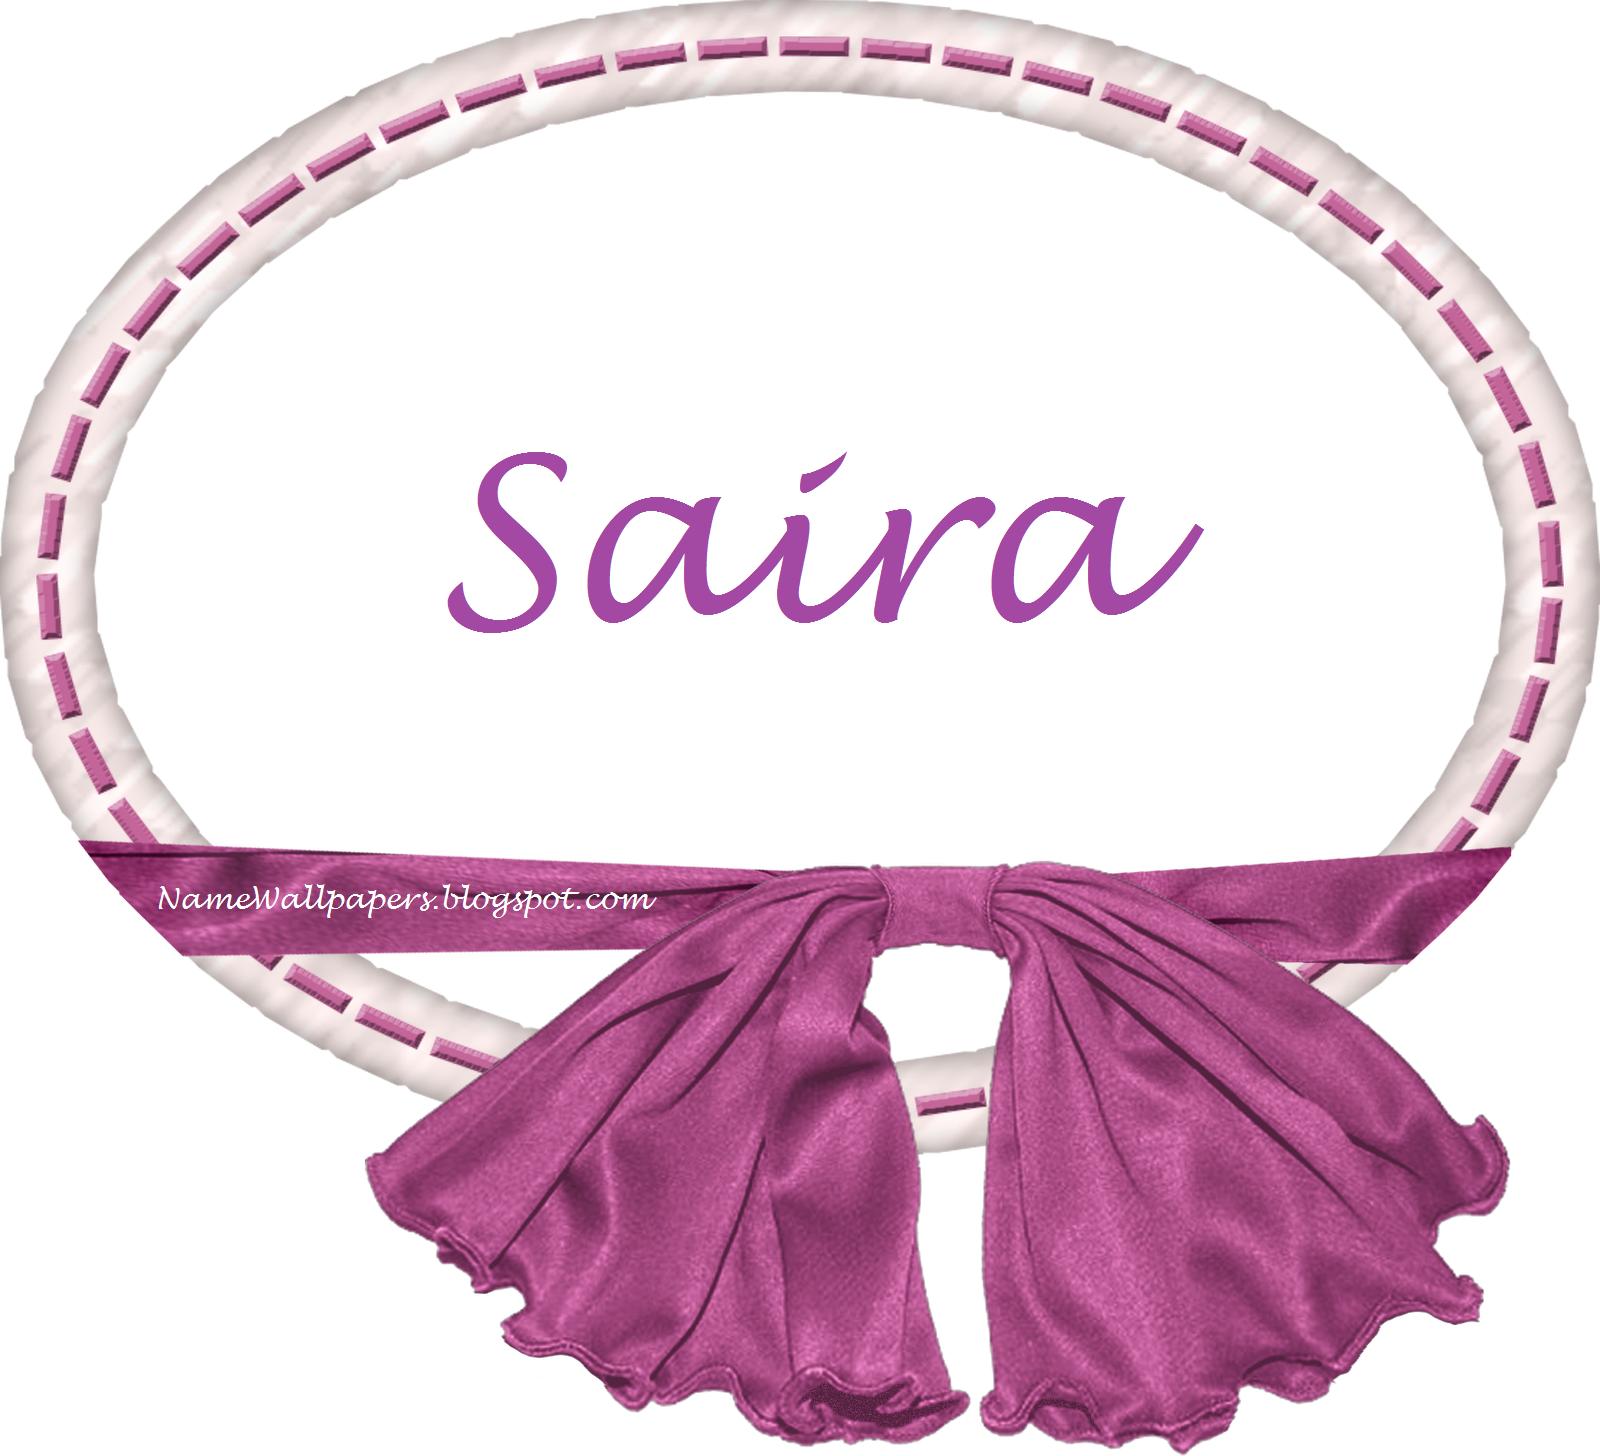 Saira   Name...H E B Meaning